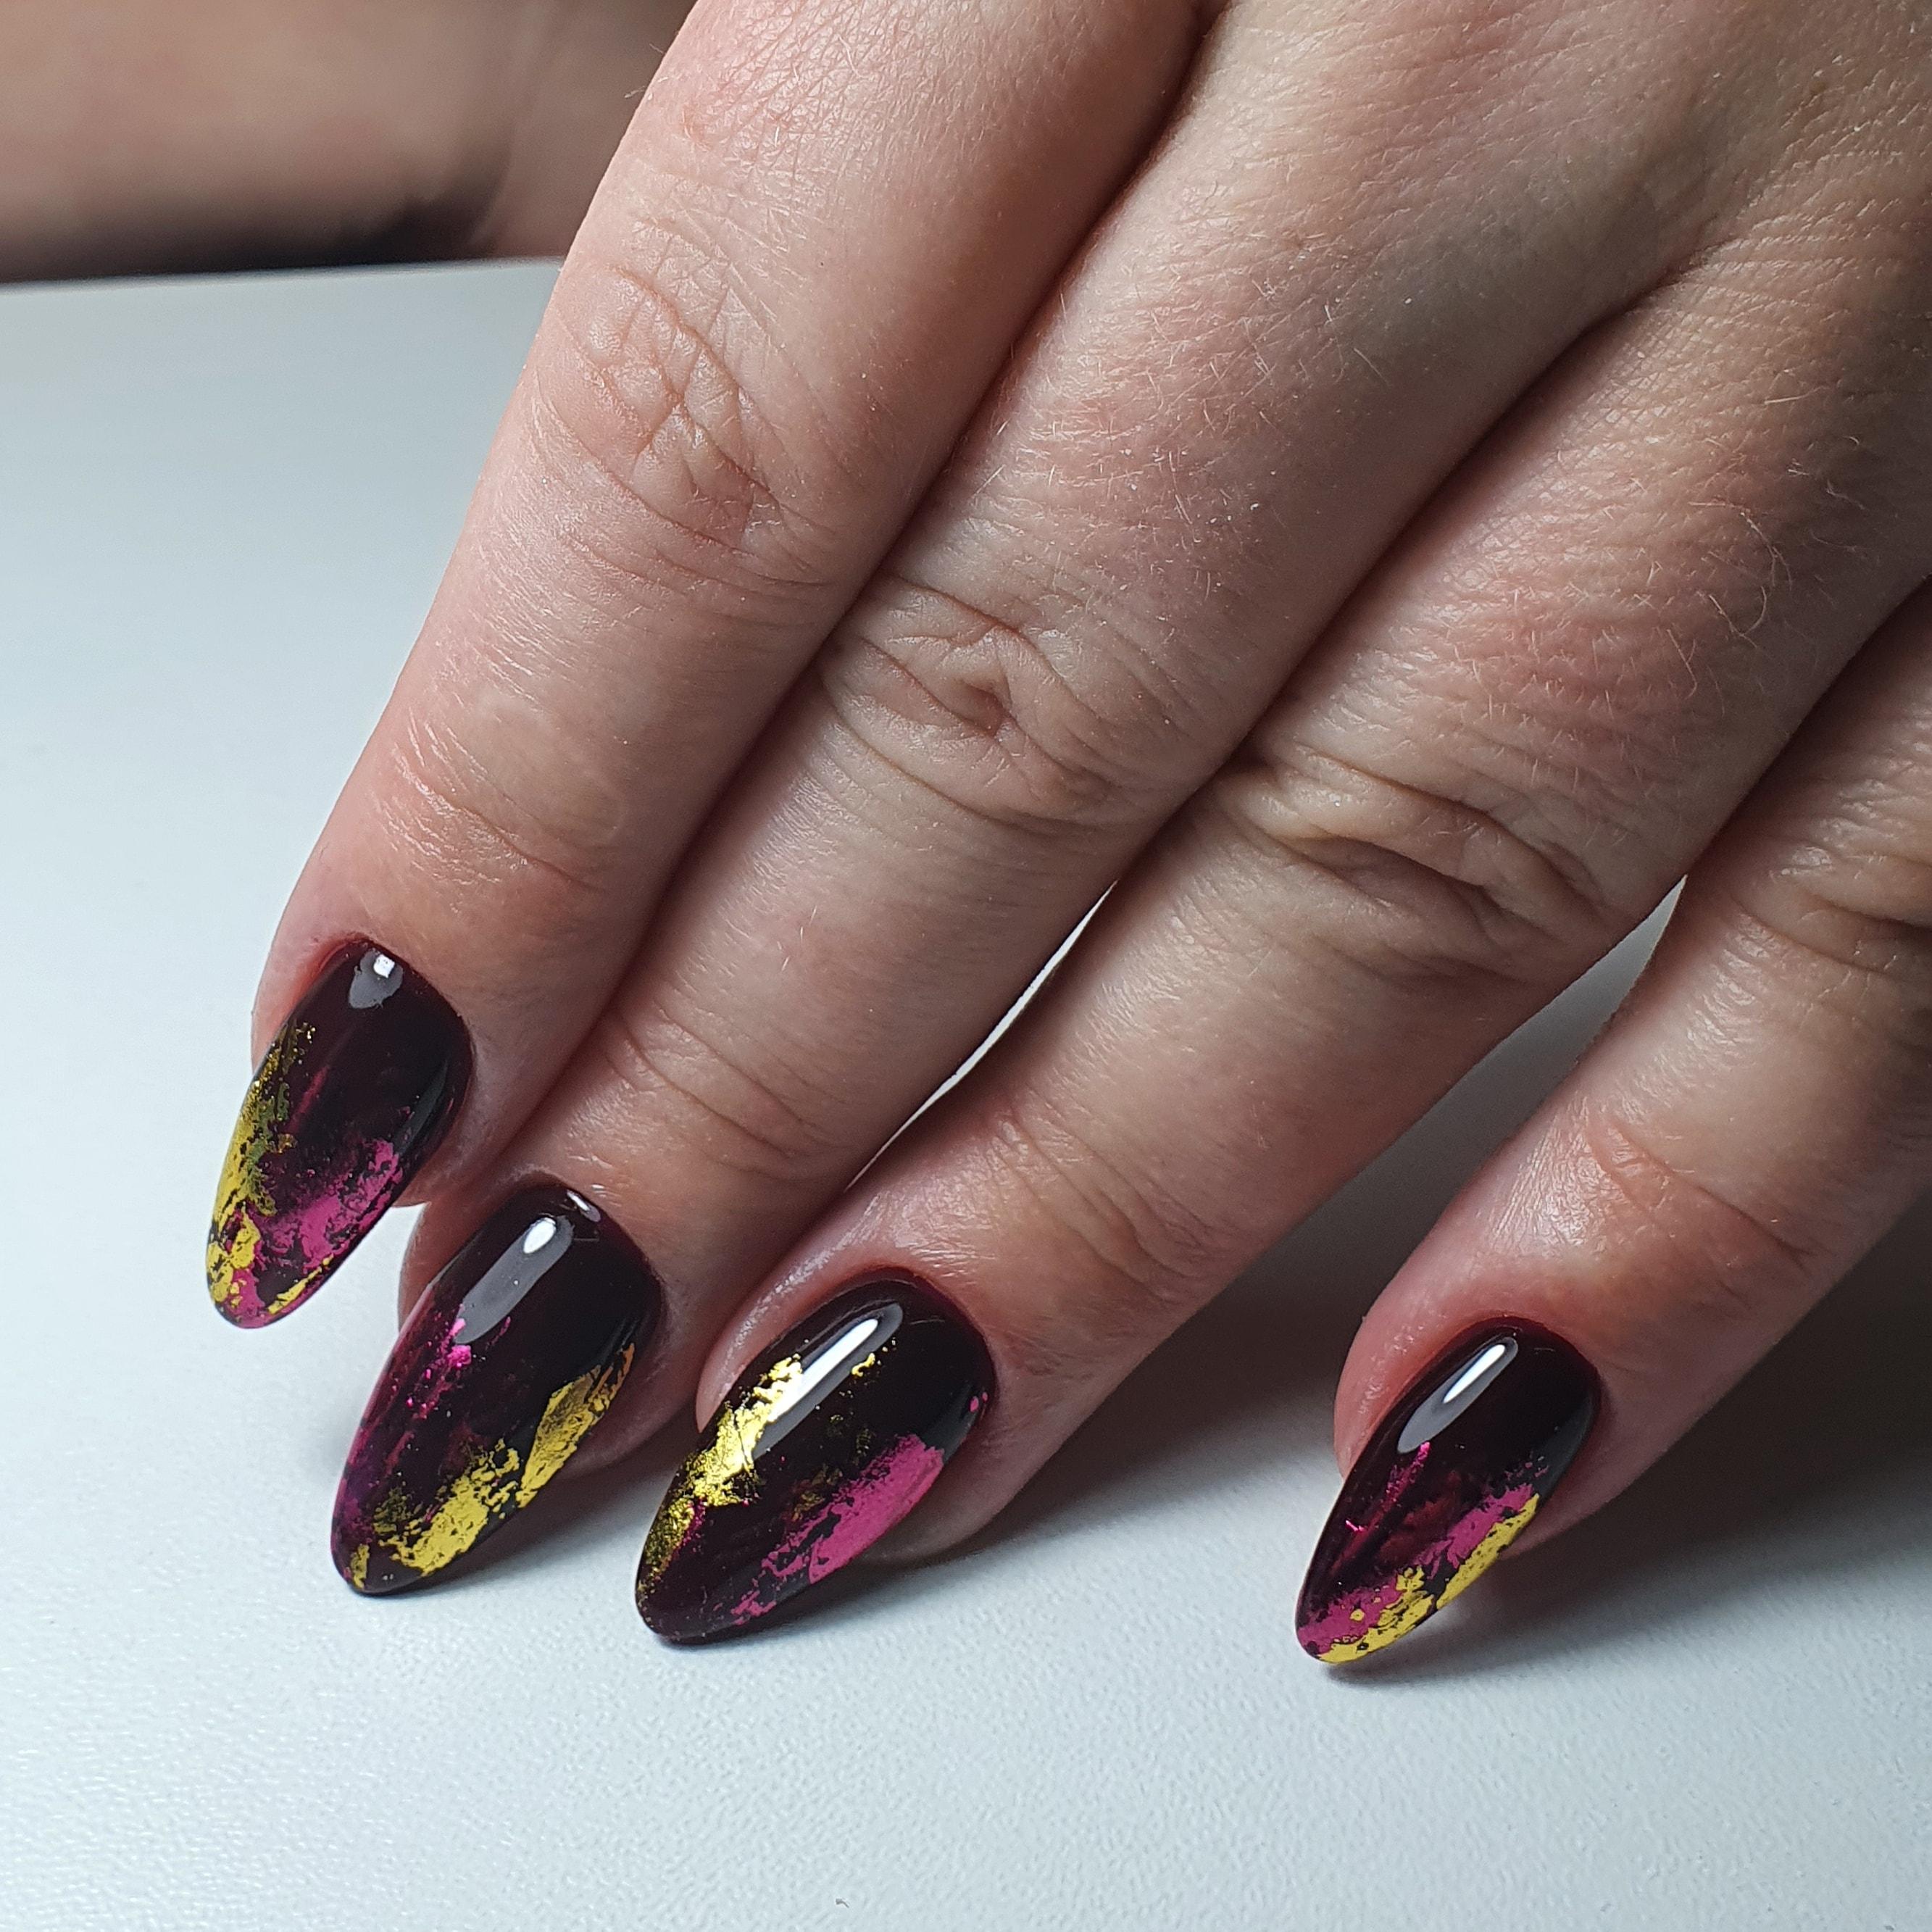 Маникюр с цветной фольгой в баклажановом цвете на длинные ногти.